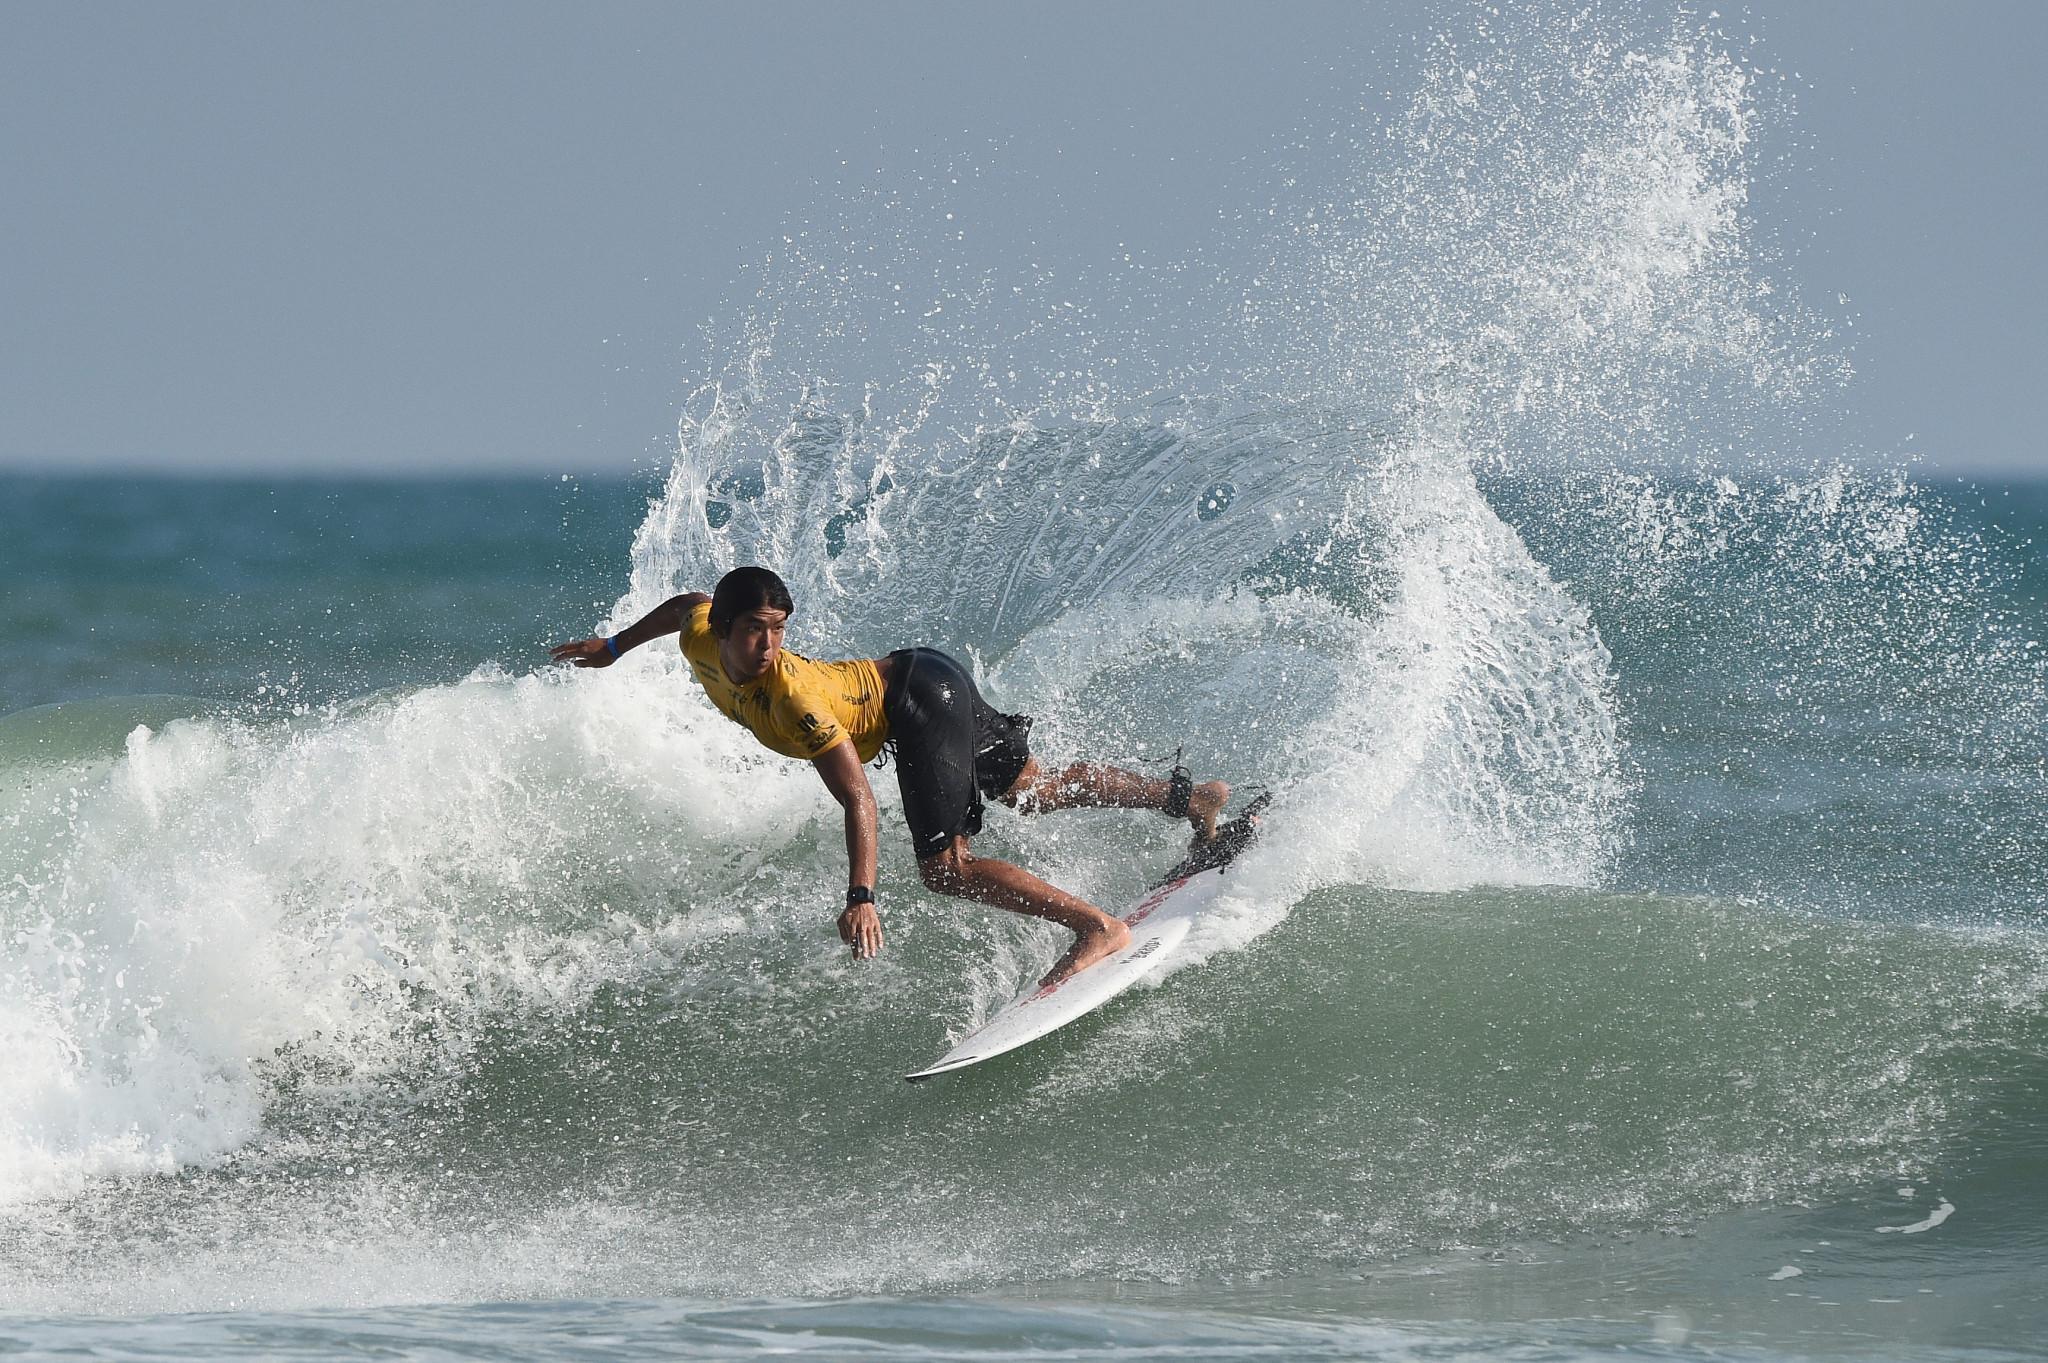 Japan guaranteed first ever individual medal at ISA World Surfing Games